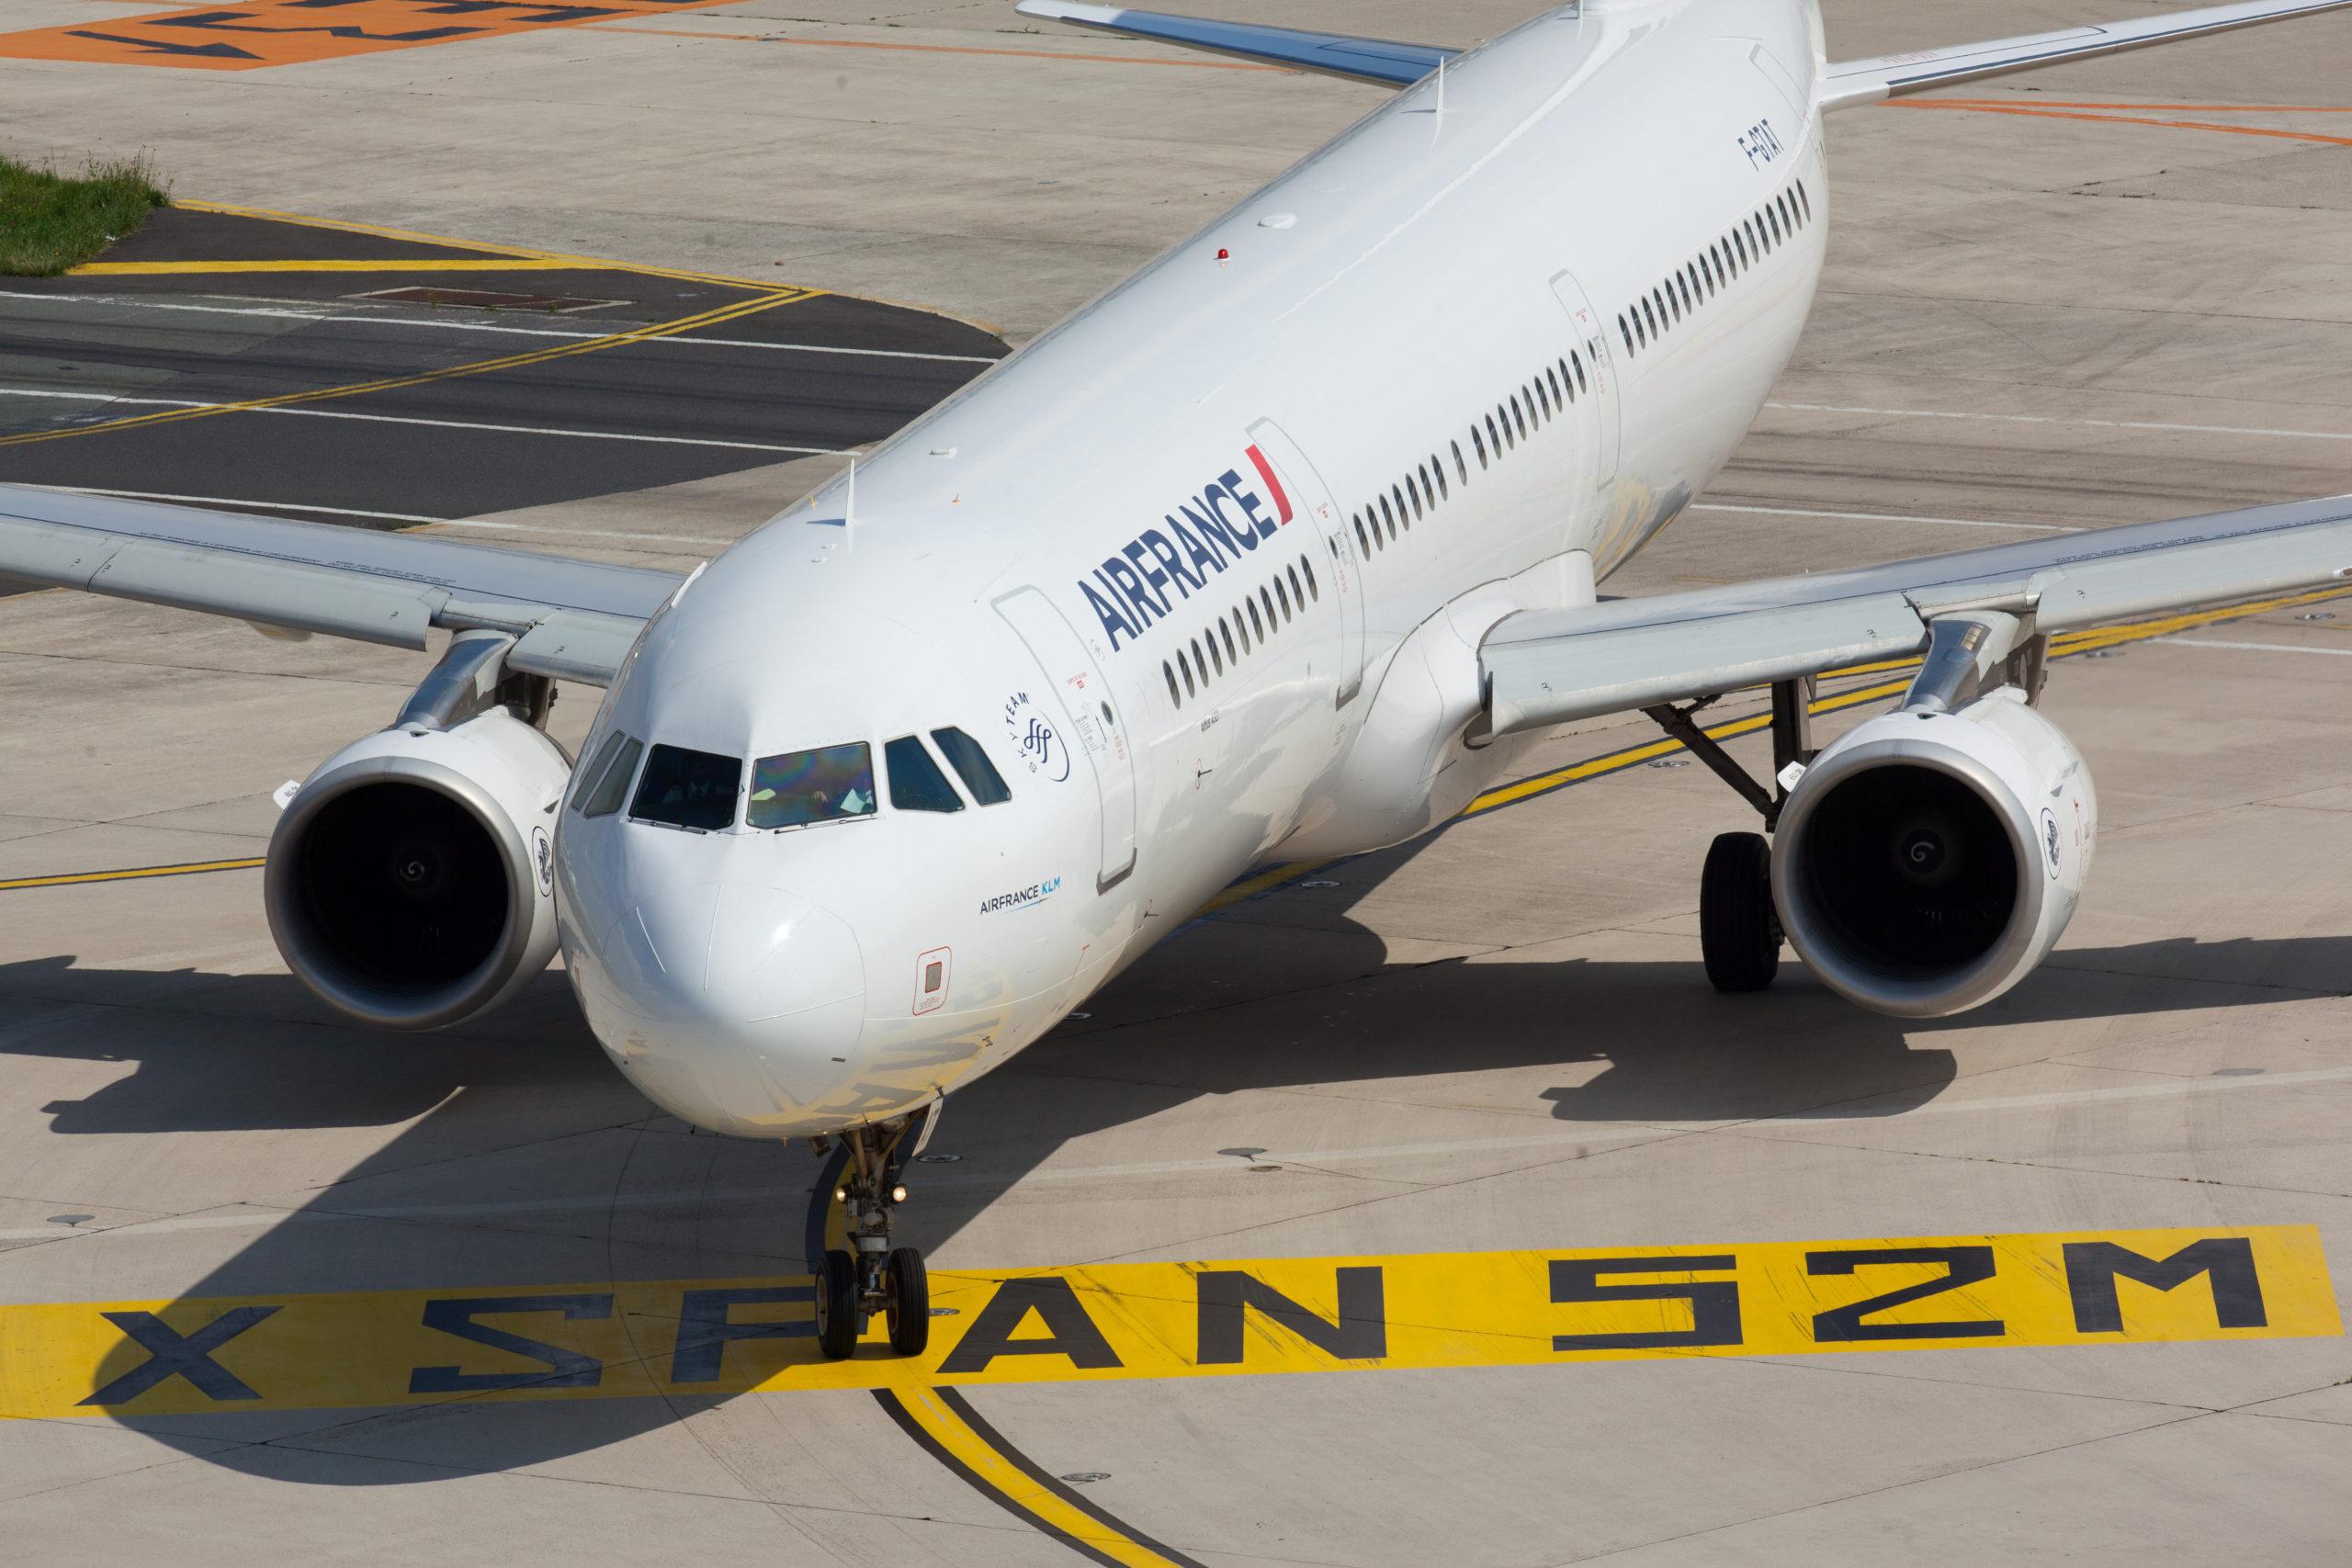 AirFrance A321 airplane